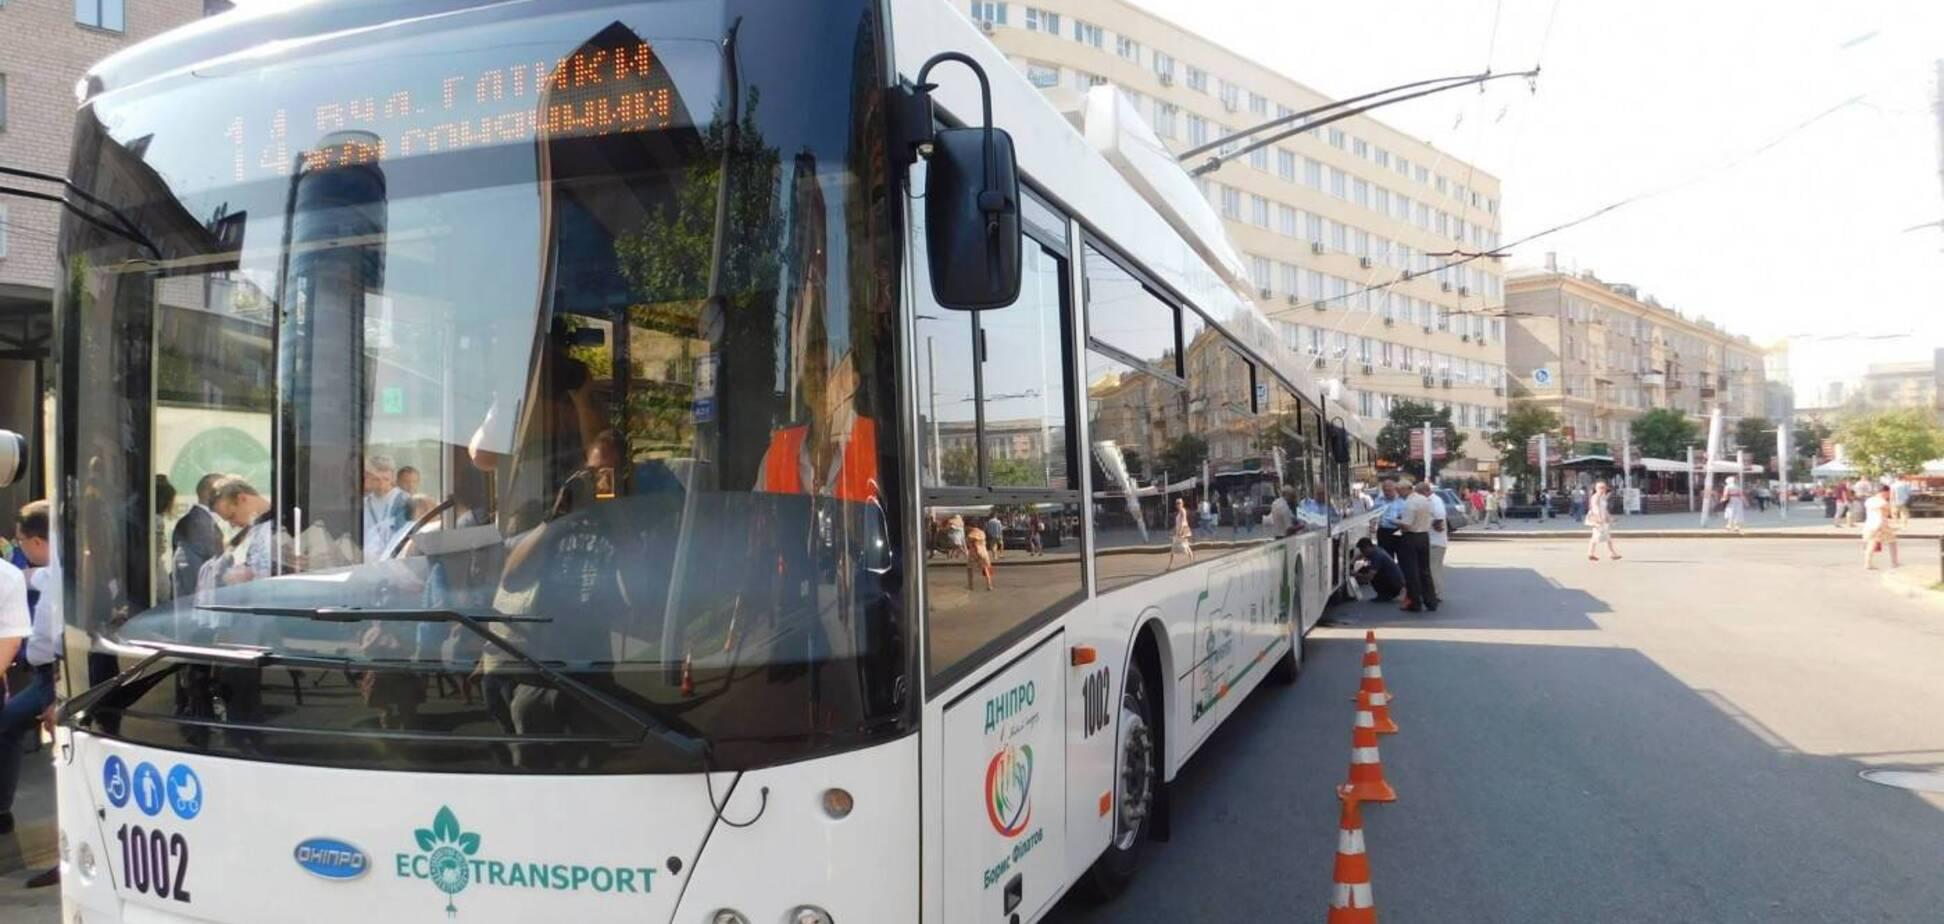 В общественном транспорте Днепра пассажиры смогут заниматься спортом. Источник: 056.ua